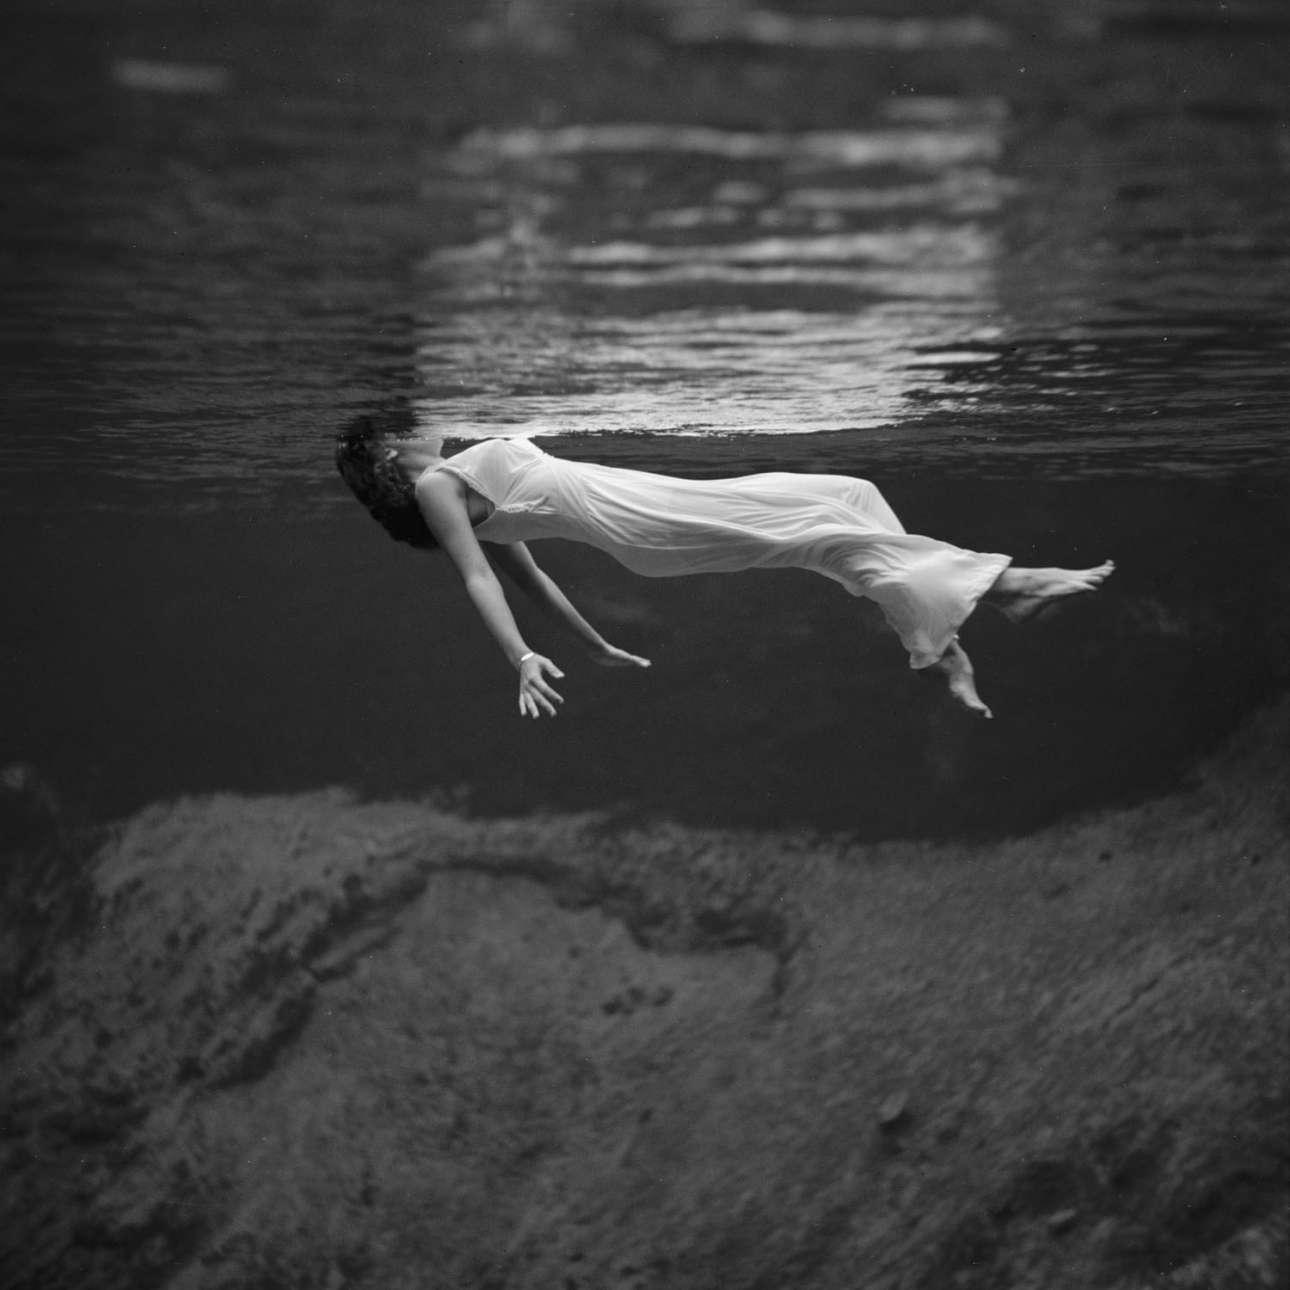 Μια γυναίκα επιπλέει στο νερό, στις Πηγές Γουίκι Γάτσι, στη Φλόριντα, το 1947